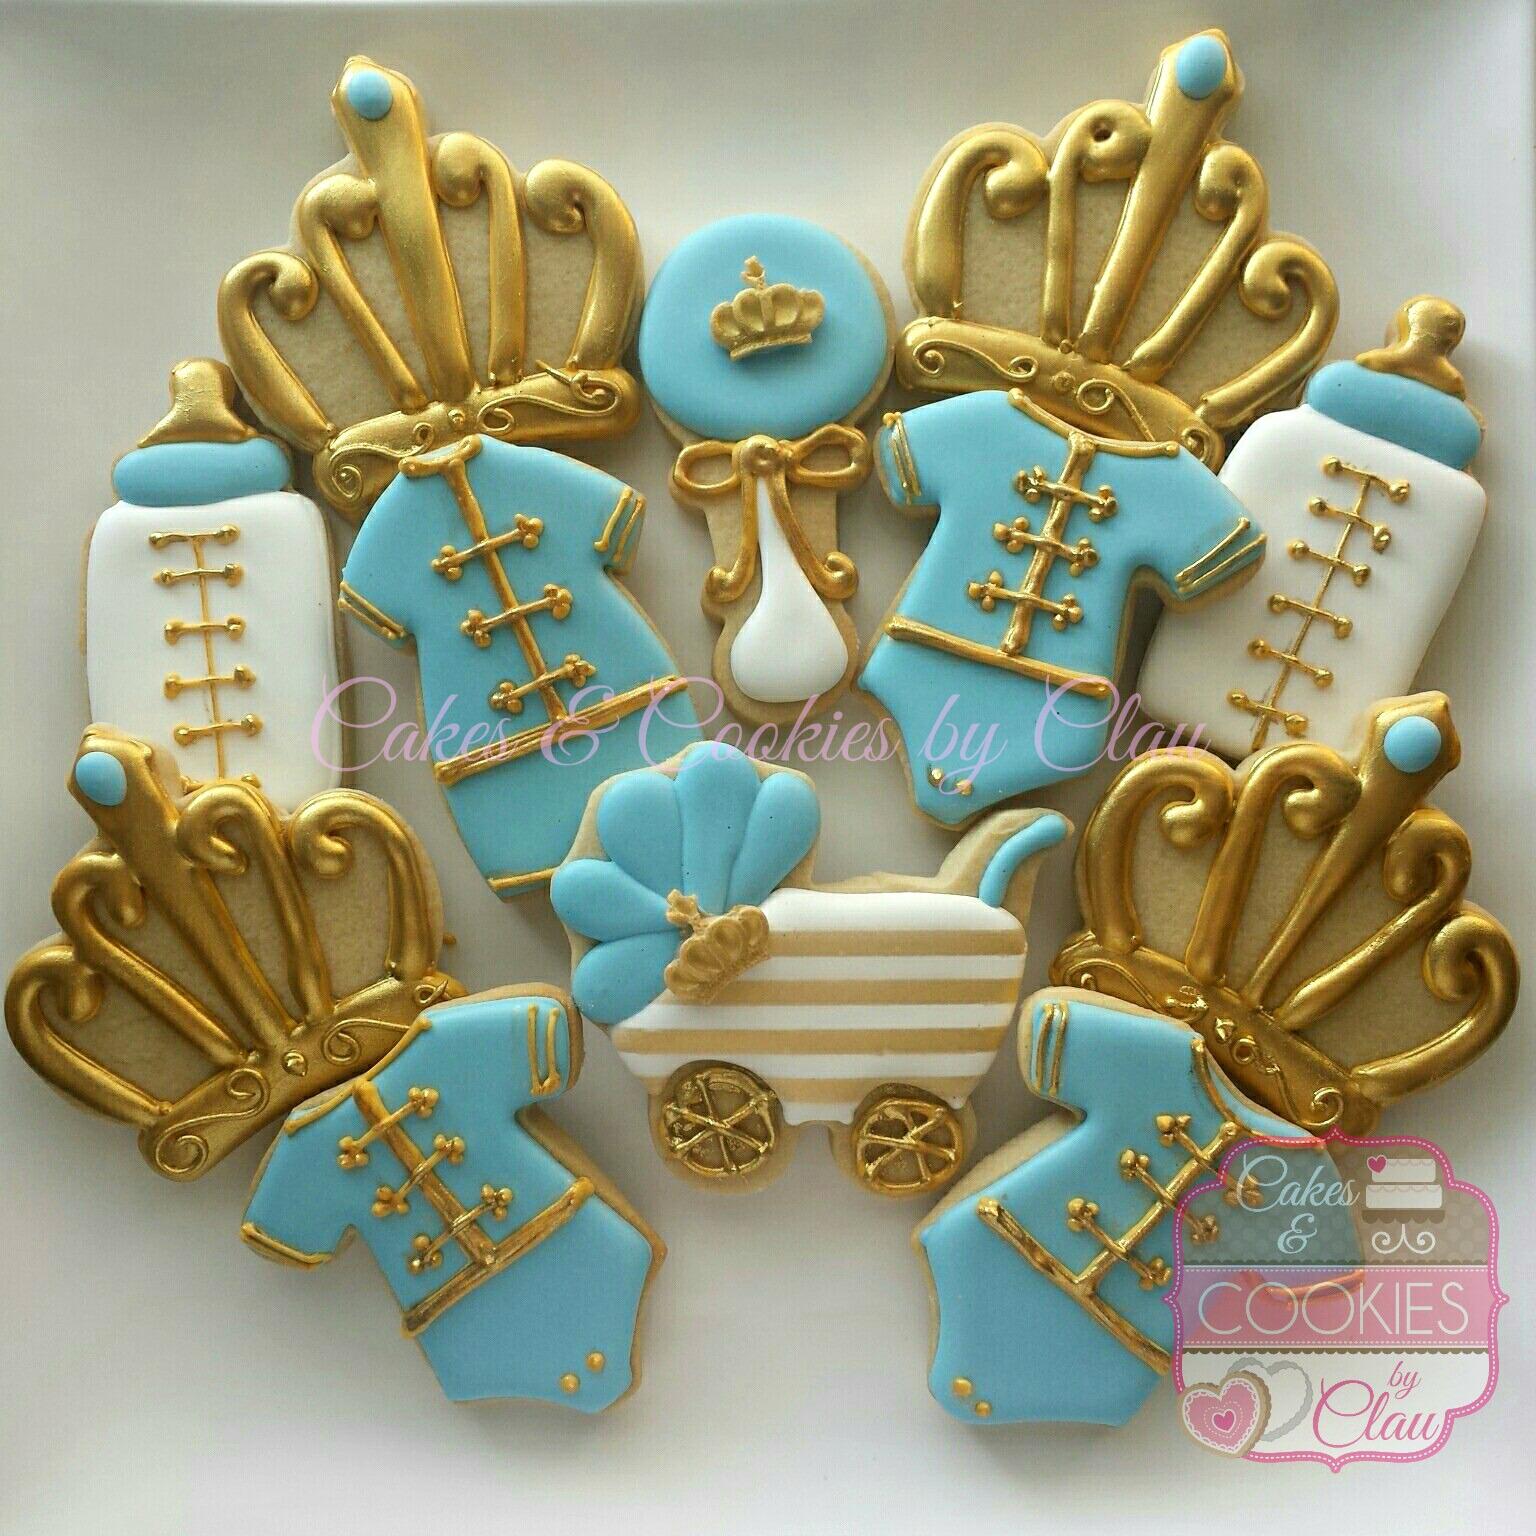 Royal Cookies